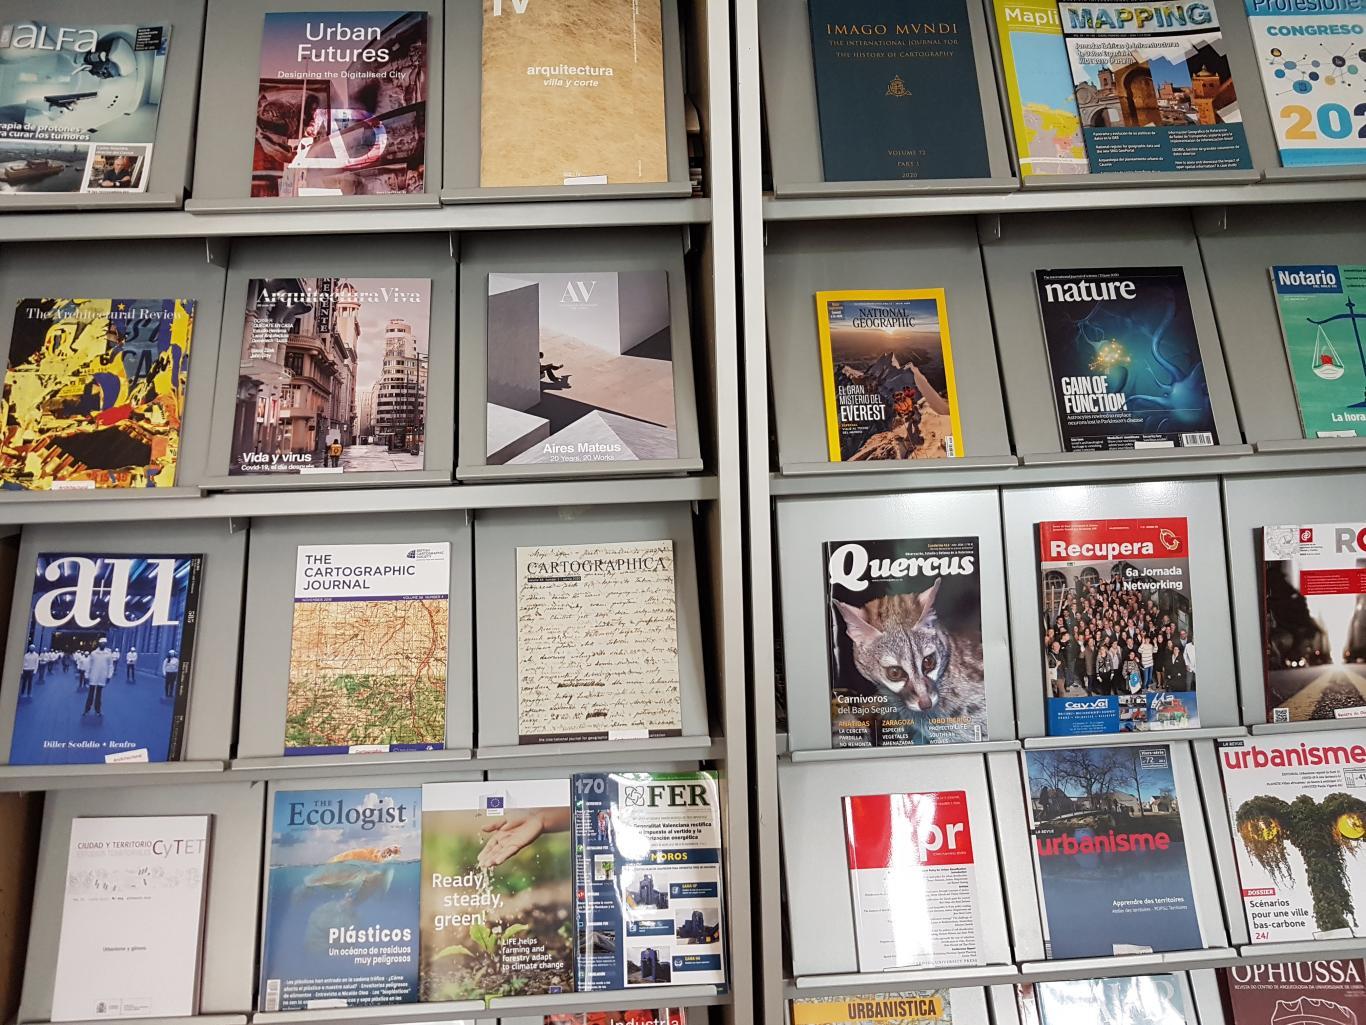 Hemeroteca Centro de Documentación